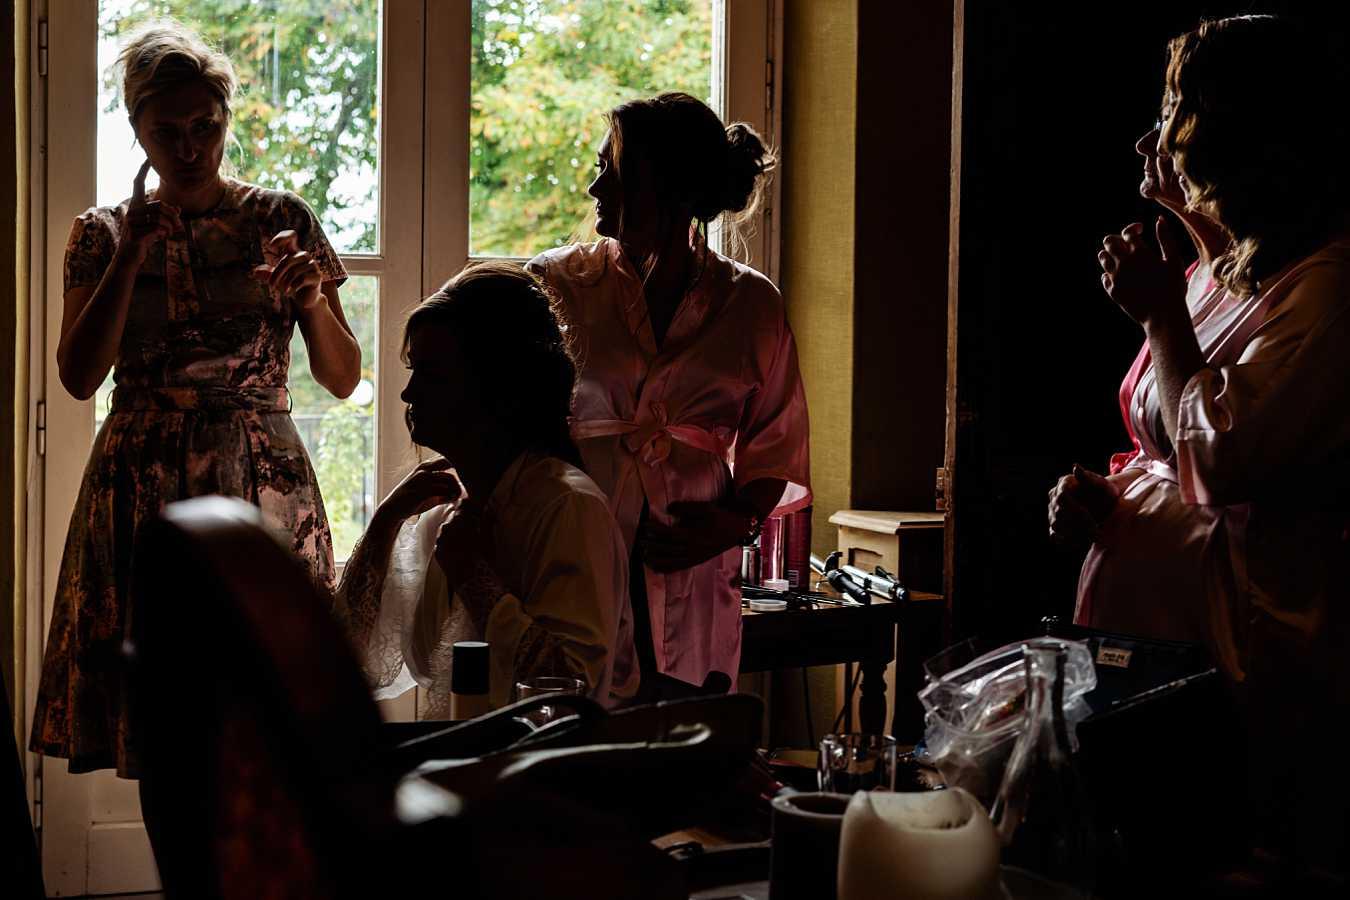 RUUDC Fotografie, Ruud Claessen, destination wedding, destination wedding frankrijk, destination wedding france, trouwen in frankrijk, trouwen op een kasteel, lot of happiness, camp del saltre, cahors, prayssac, lot, trouwen wijngaard, trouwen in het buitenland, bruidsfotograaf frankrijk, destination wedding fotograaf